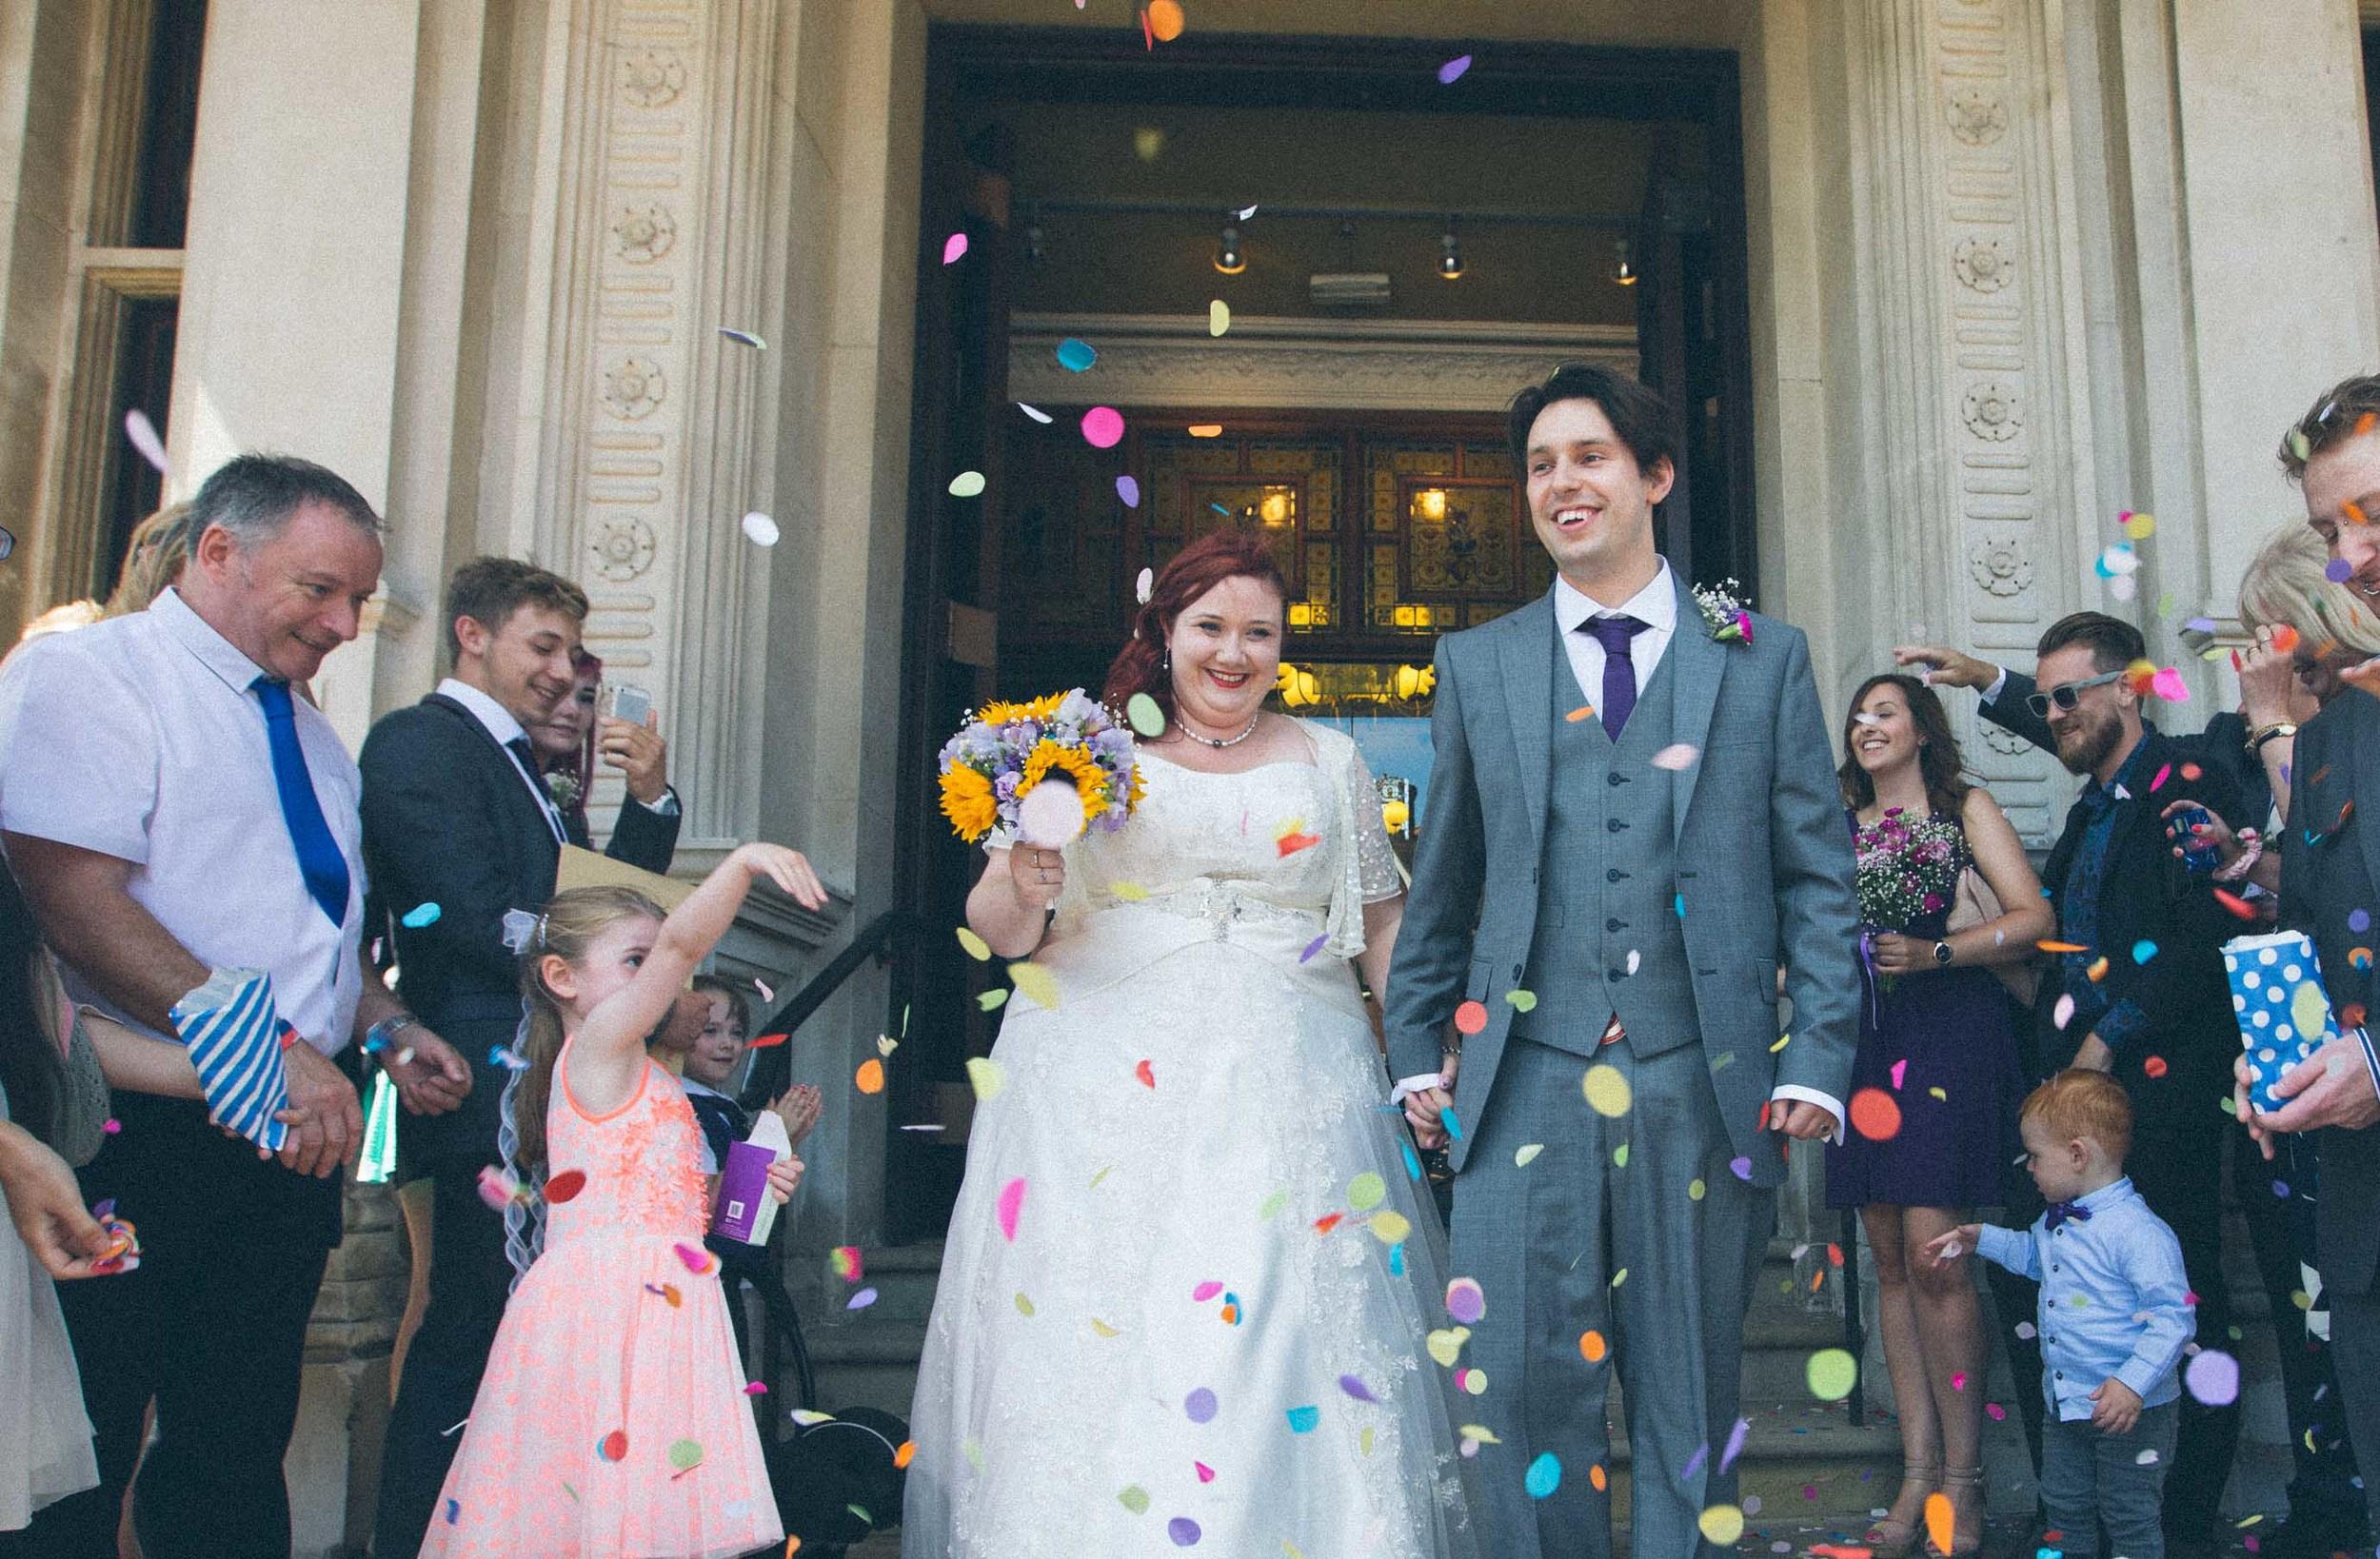 eastbourne-london-uk-wedding-photography-Adam-Rowley